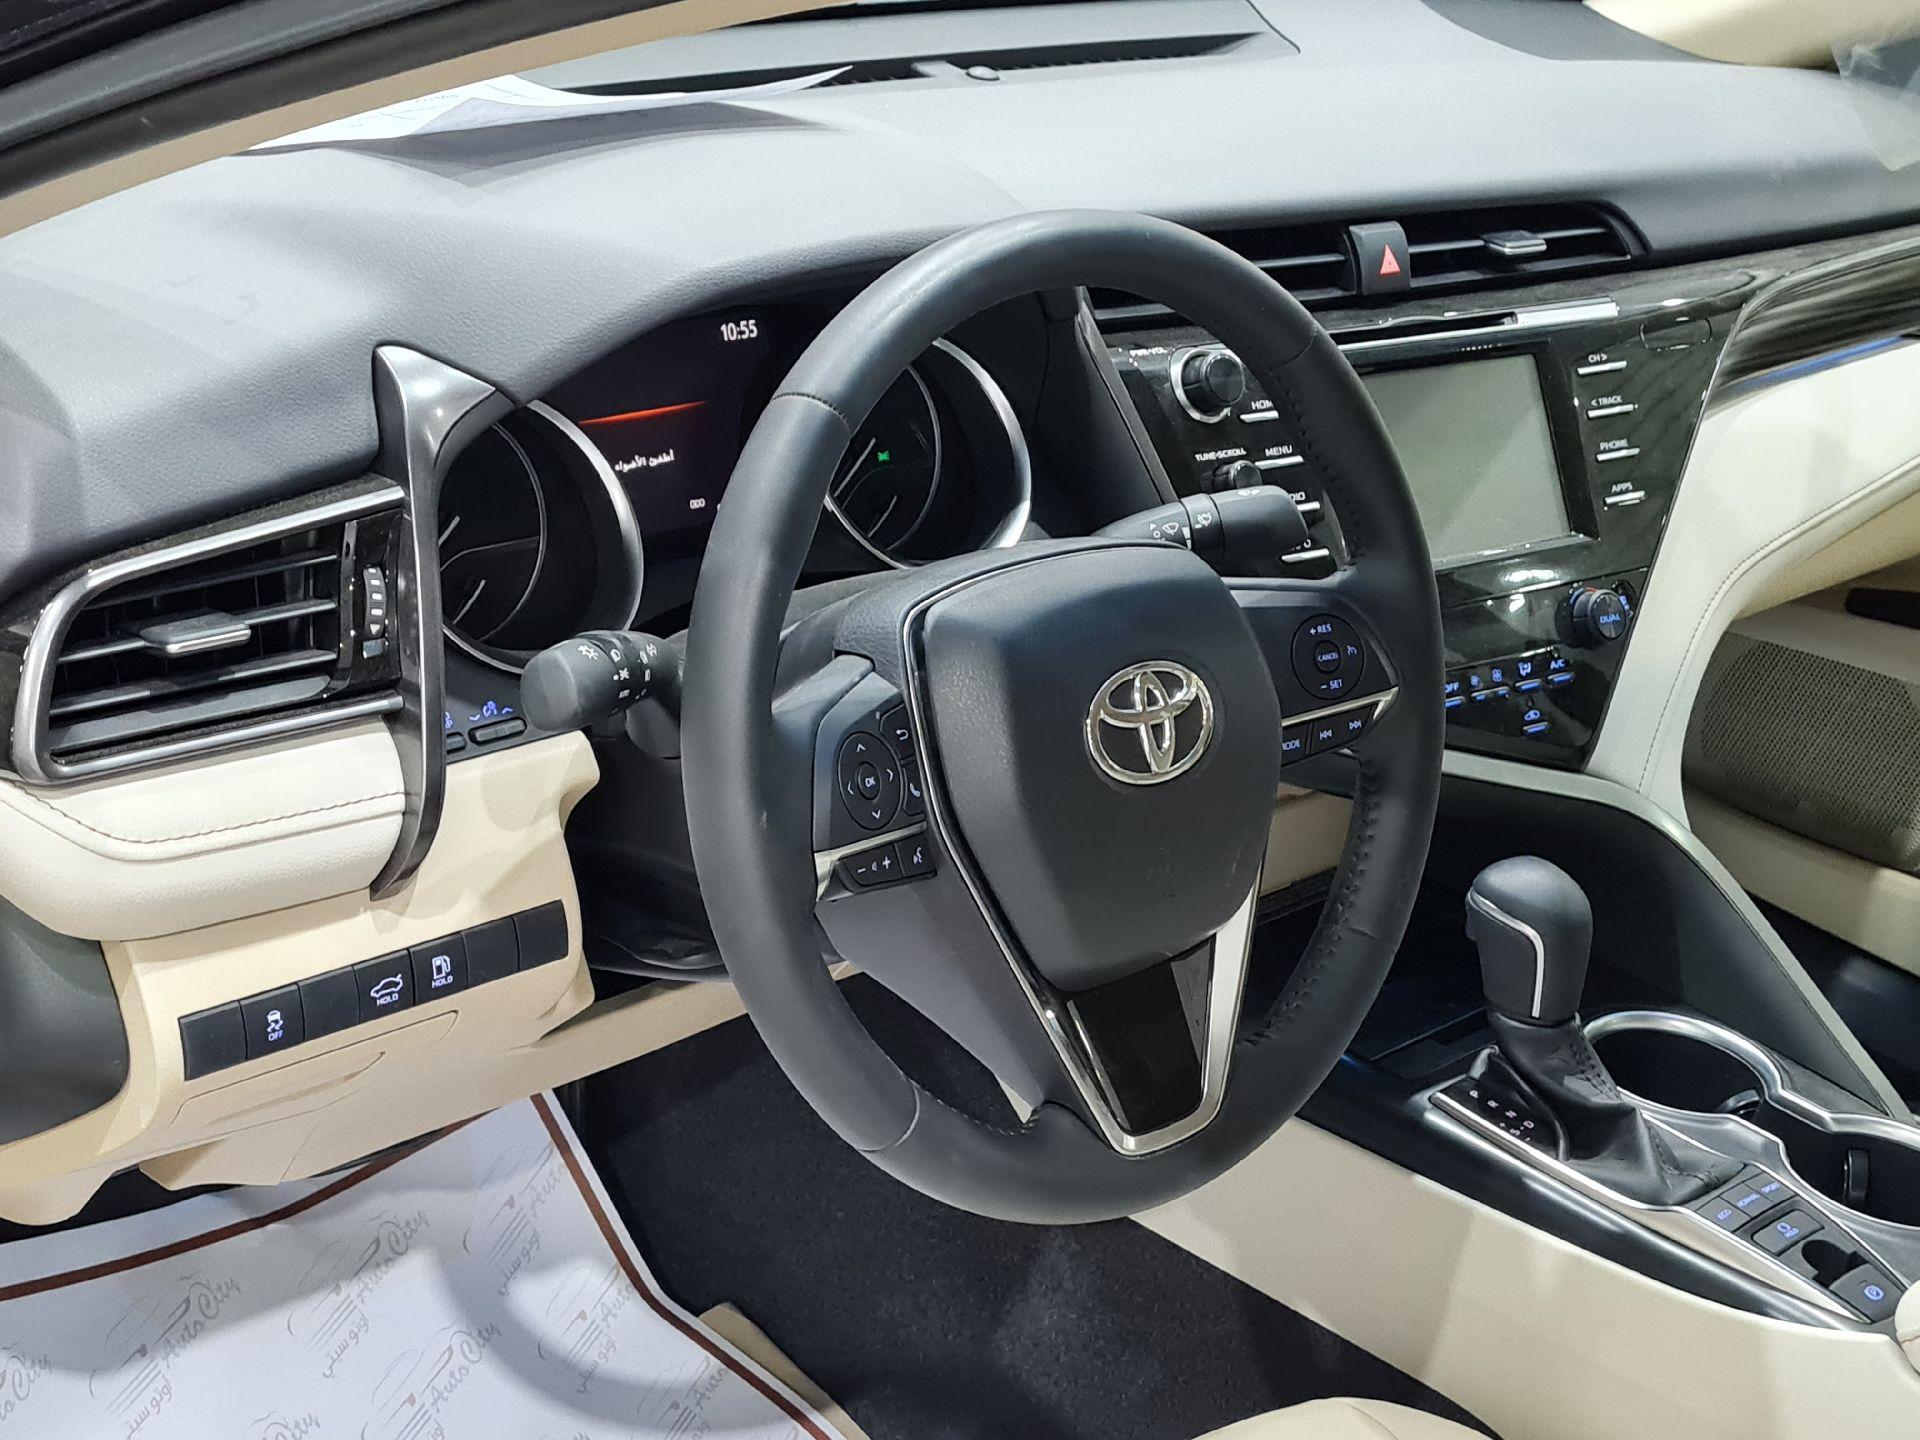 مباع - تويوتا كامري Limited فل 2020 خليجي جديد للبيع في الرياض - السعودية - صورة كبيرة - 7